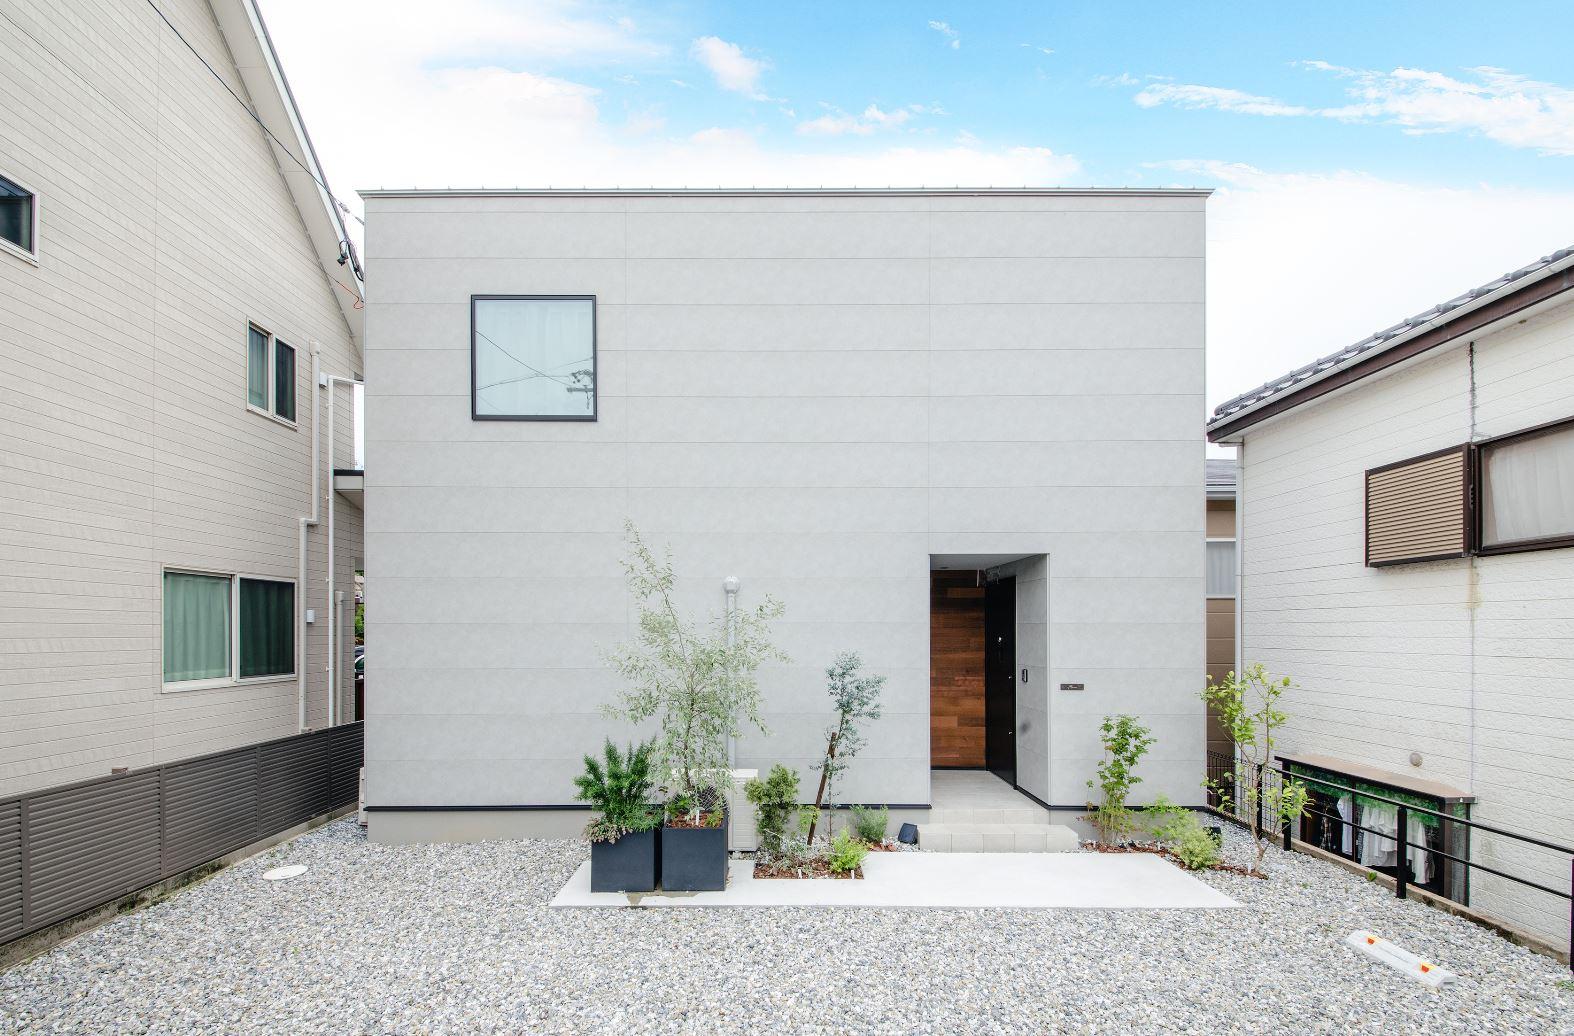 S.CONNECT(エスコネクト)【デザイン住宅、間取り、建築家】道路に面している外壁に窓は一つだけ。プライバシーを守りながら、中庭を通じて室内には光が届く